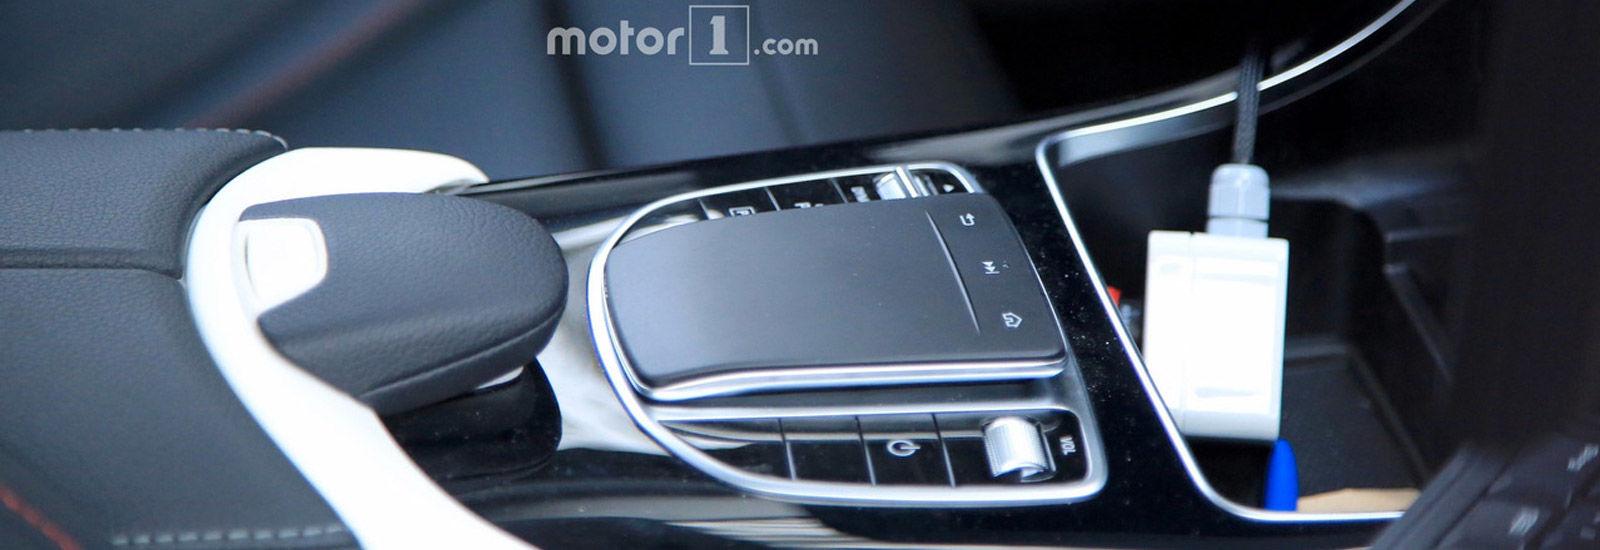 Mercedes C200, C250, C300 2018 moi (2)